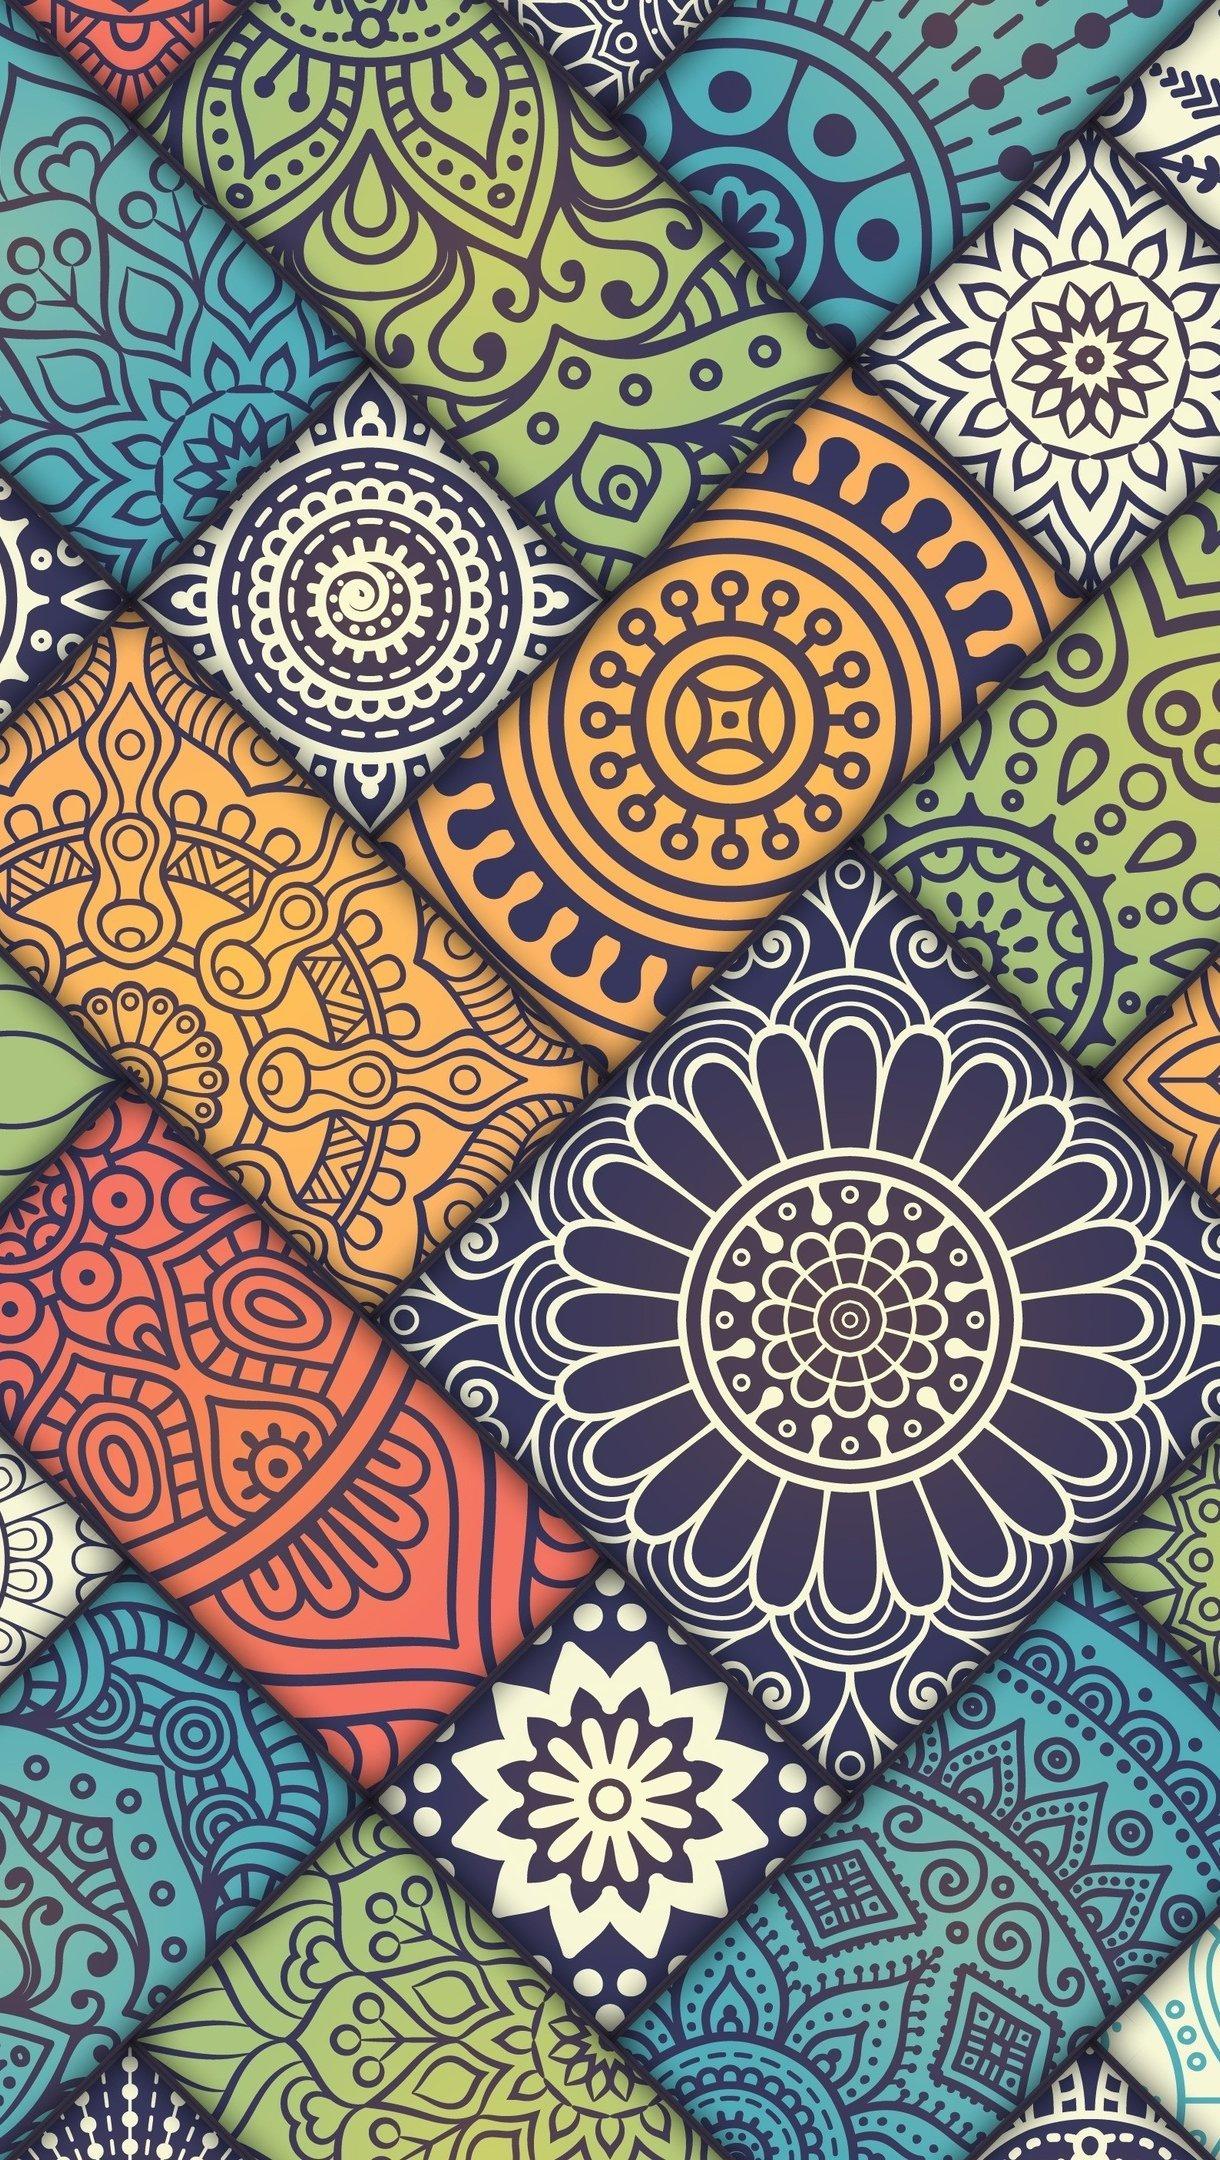 Fondos de pantalla Patrón de Mandala Abstracto Vertical